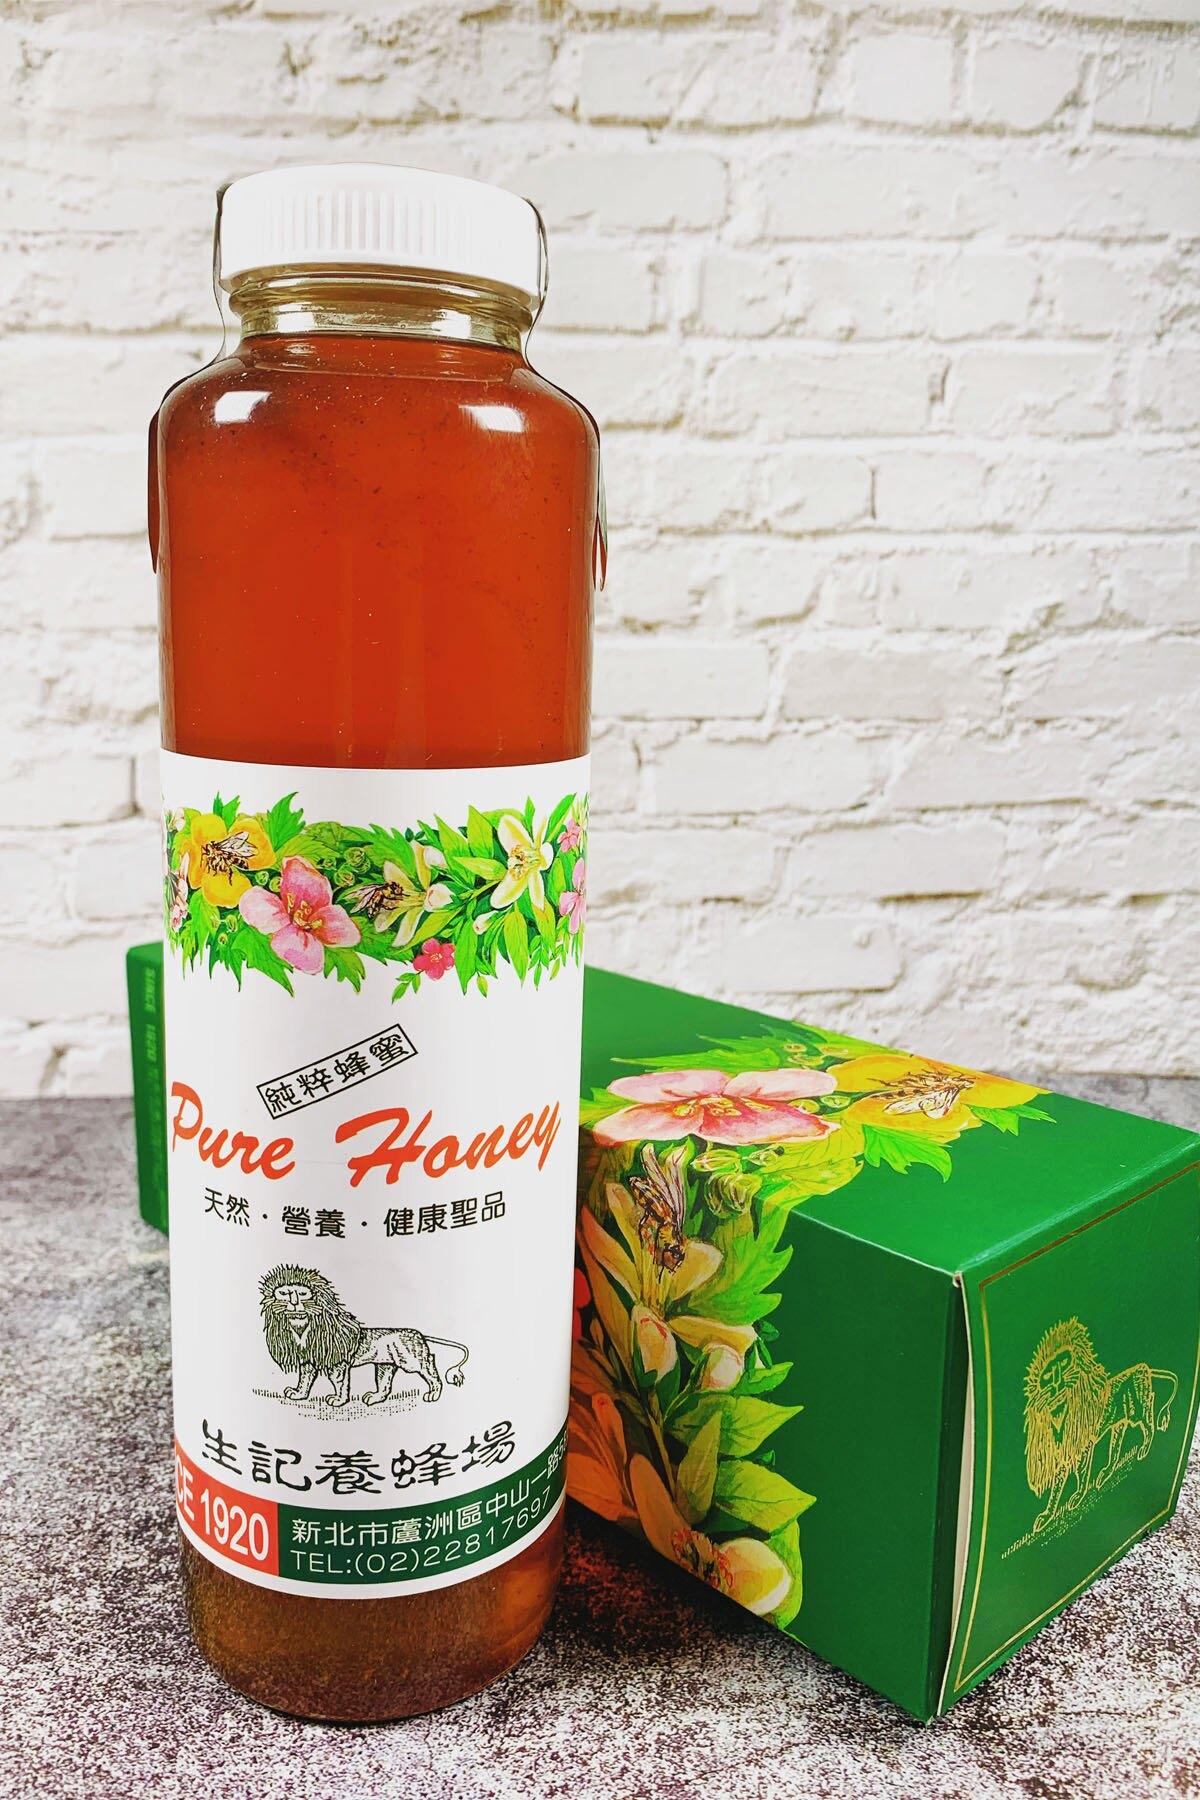 純天然龍眼蜂蜜600c.c (一瓶)百年老字號生記養蜂場